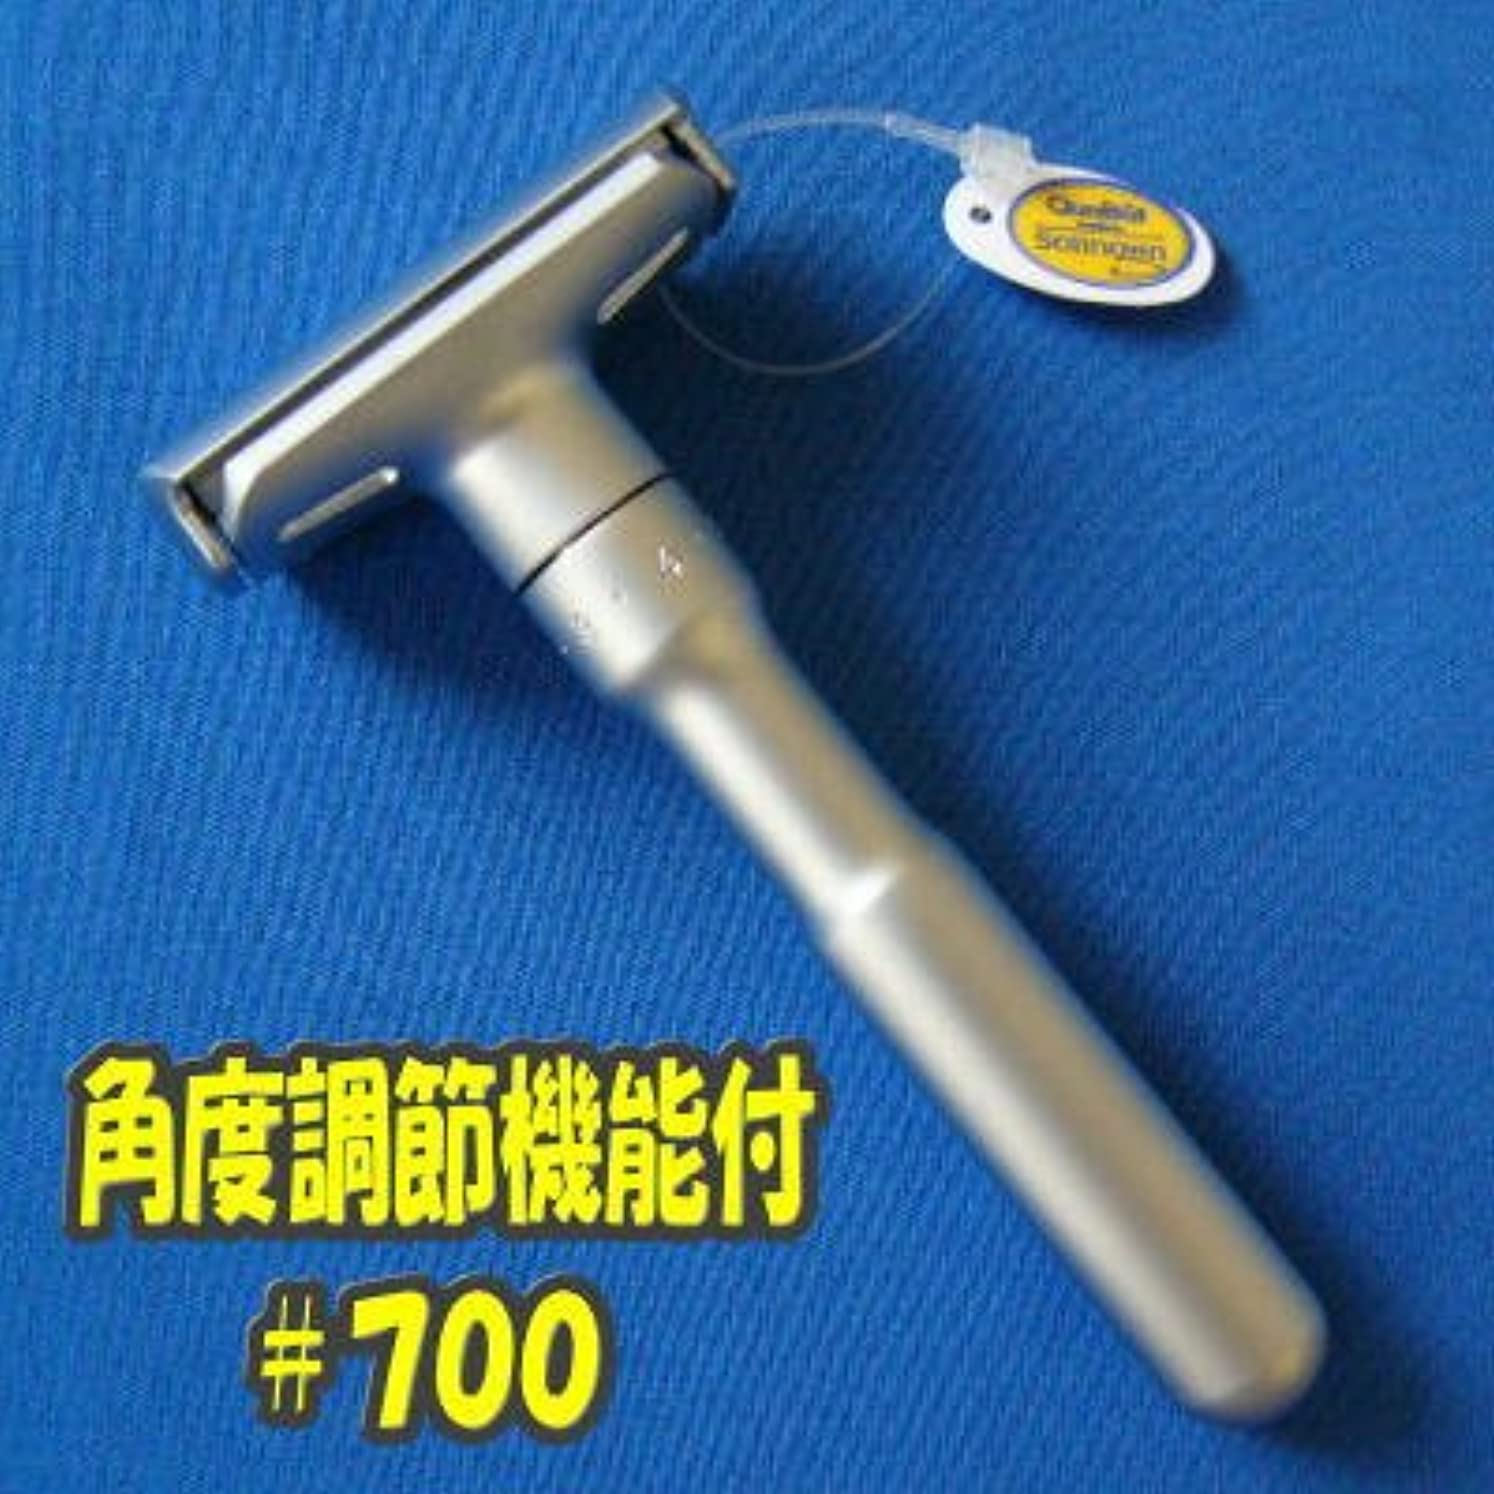 準備する保持スプレーメルクール髭剃り(ひげそり)700 FUTUR(フューチャー) ツヤ消し(専用革ケース付)